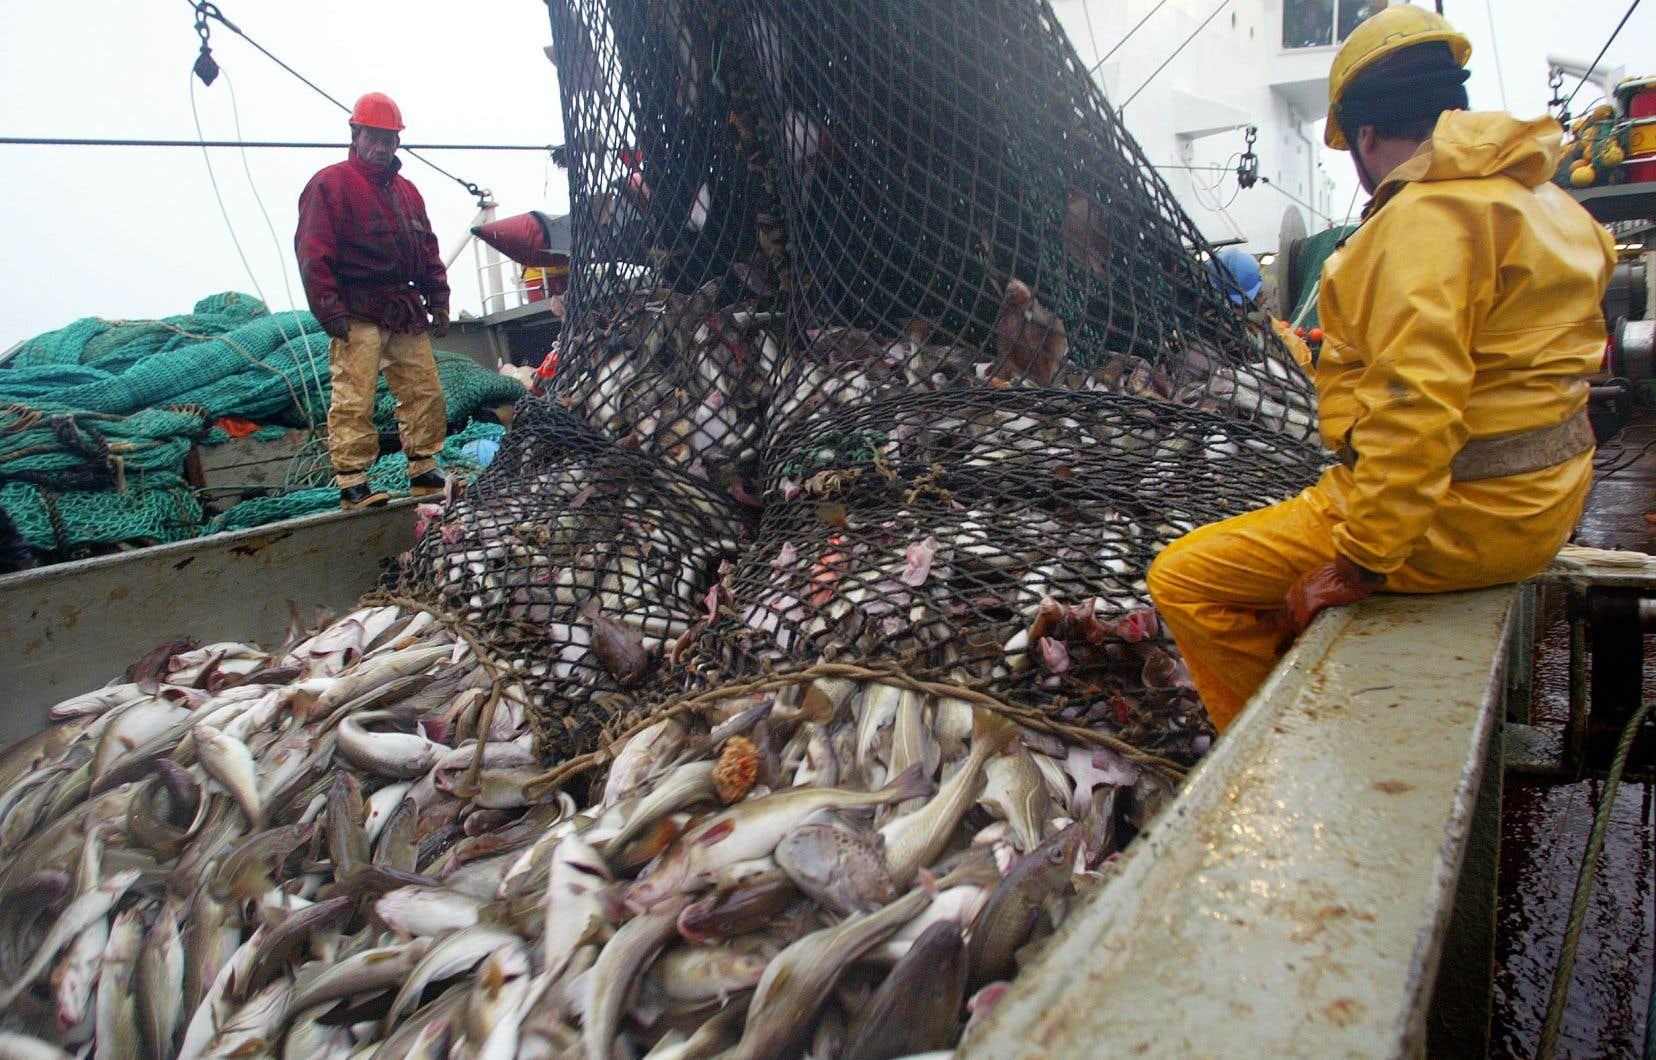 La morue a fait l'objet d'une pêche commerciale intensive pendant plusieurs décennies, ce qui a conduit à un déclin marqué de l'espèce.